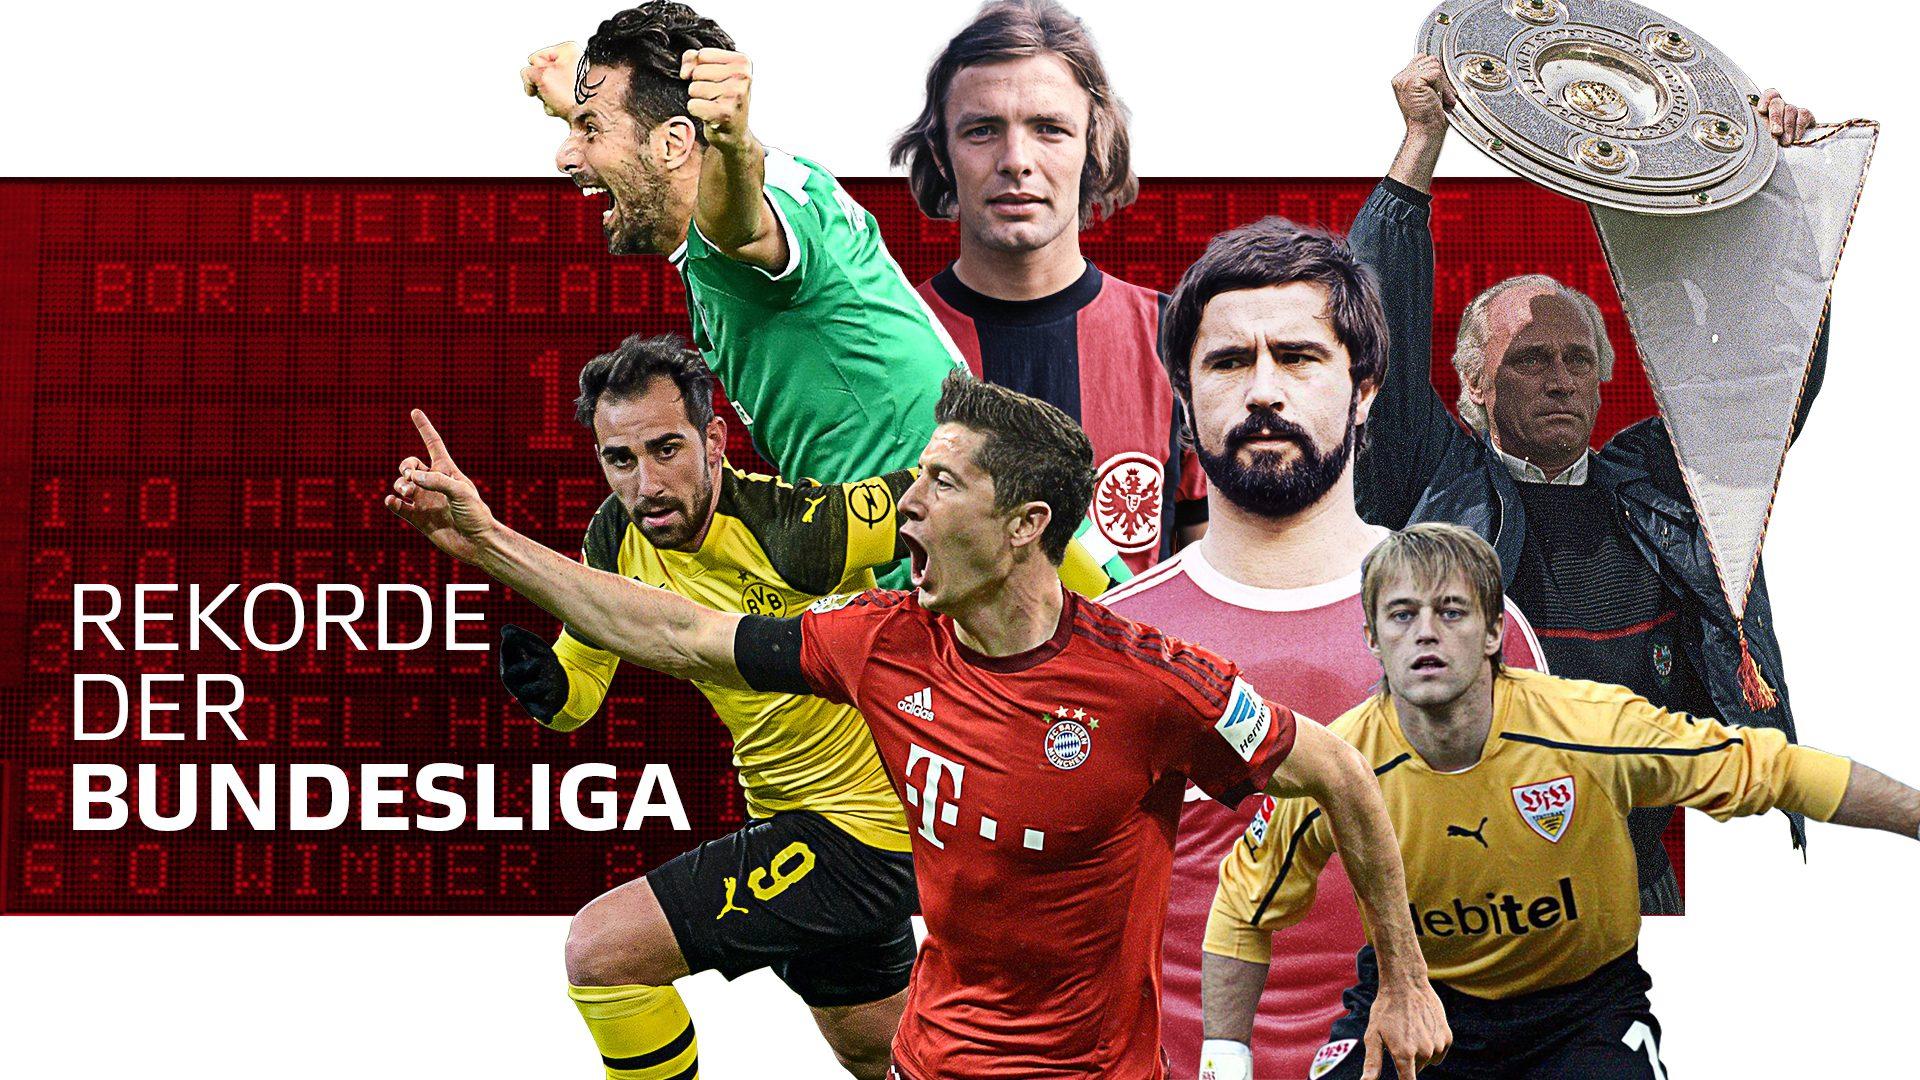 Die Rekorde der Bundesliga